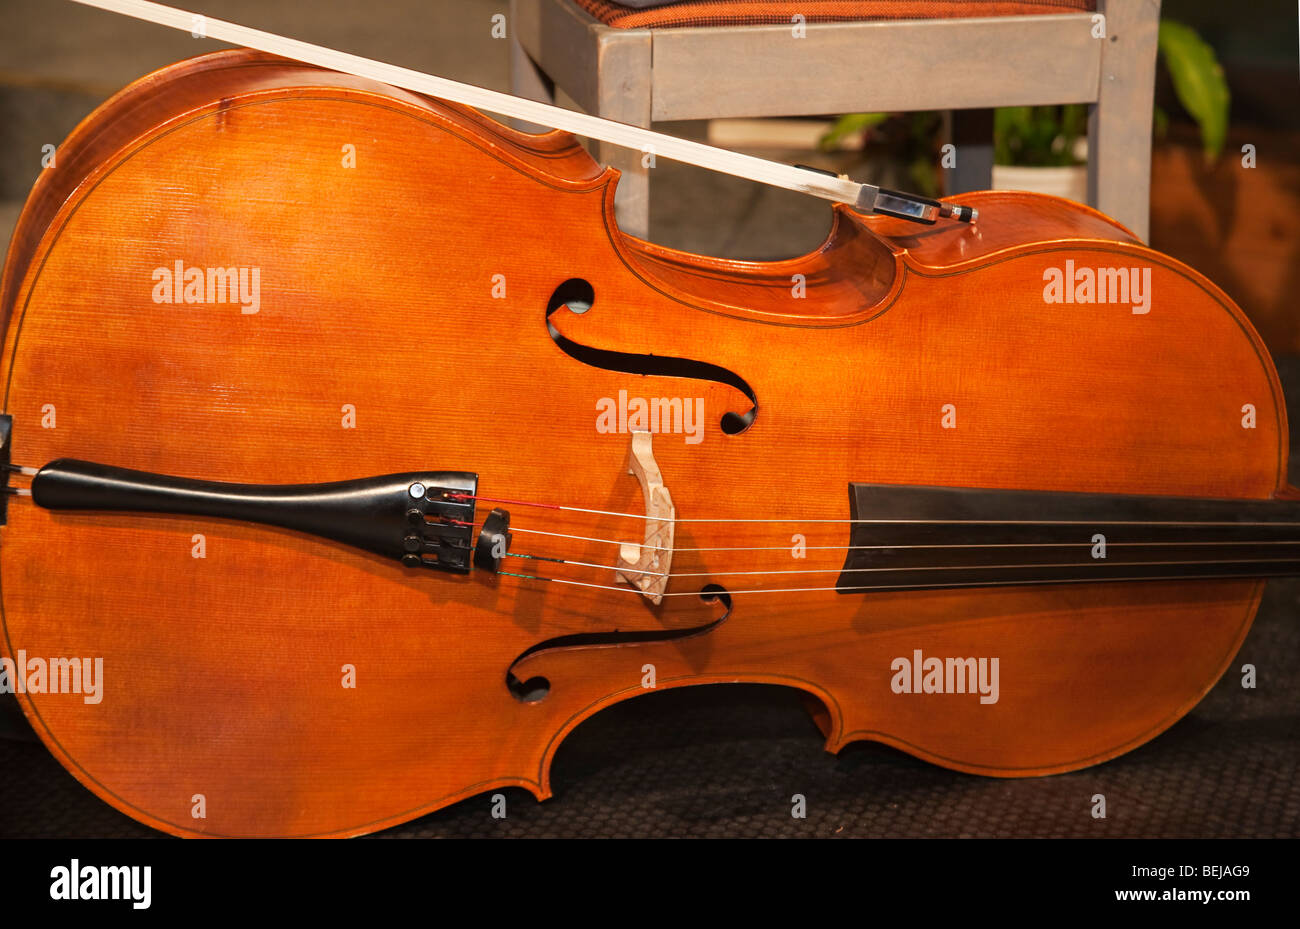 Violoncello violoncello bow gli strumenti a corda Strumenti musicali Immagini Stock